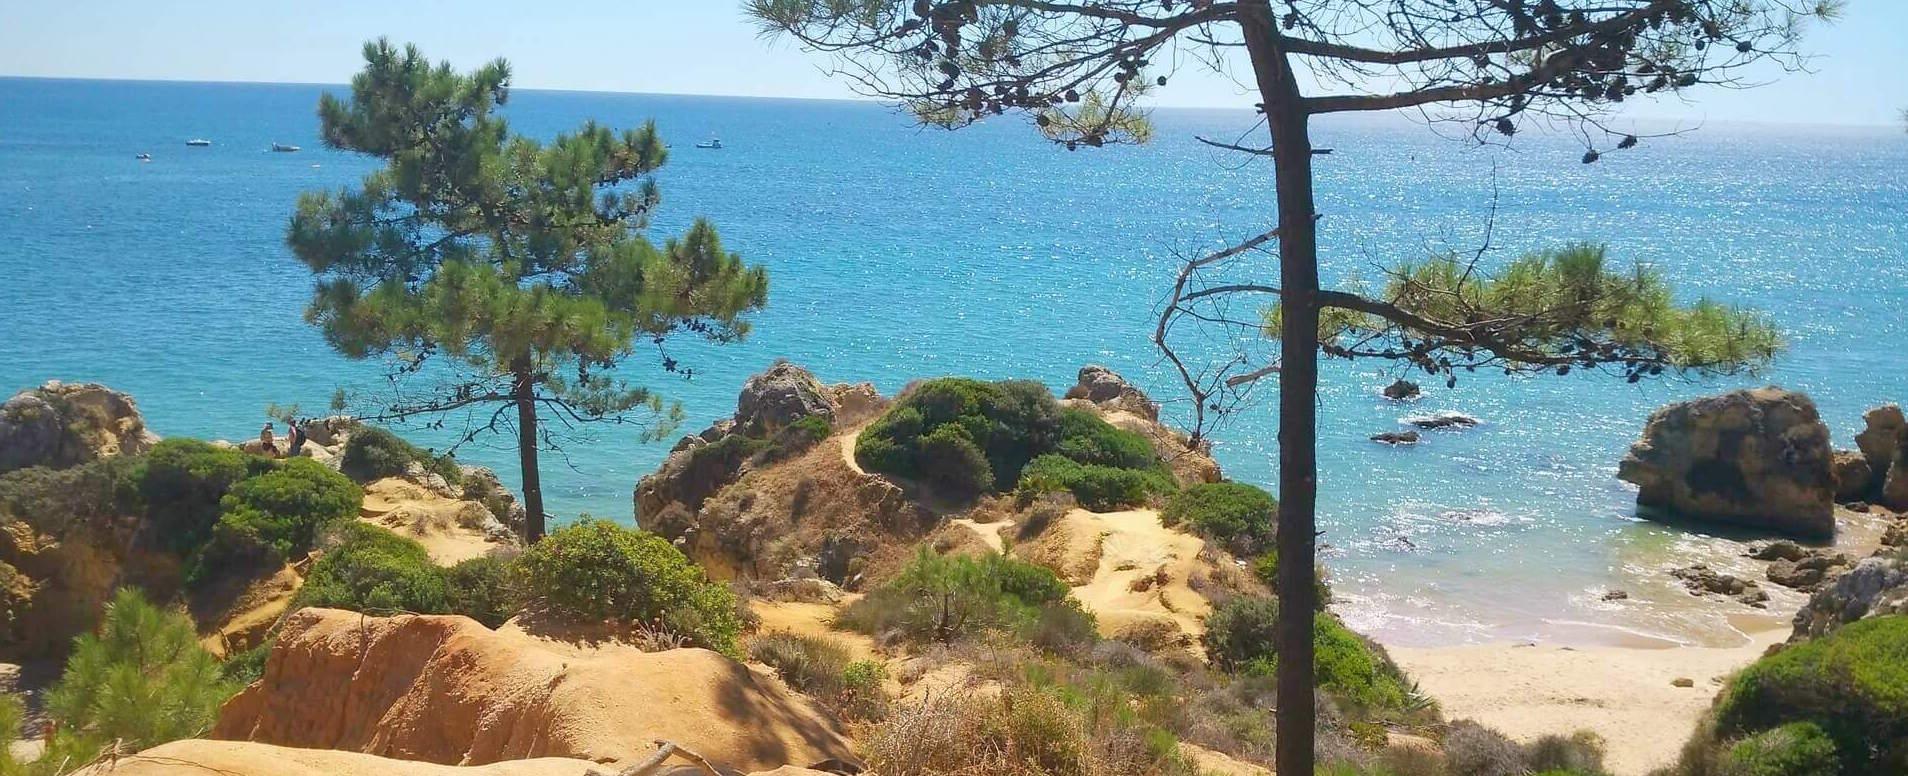 Natural Spaces in the Algarve - Algarve